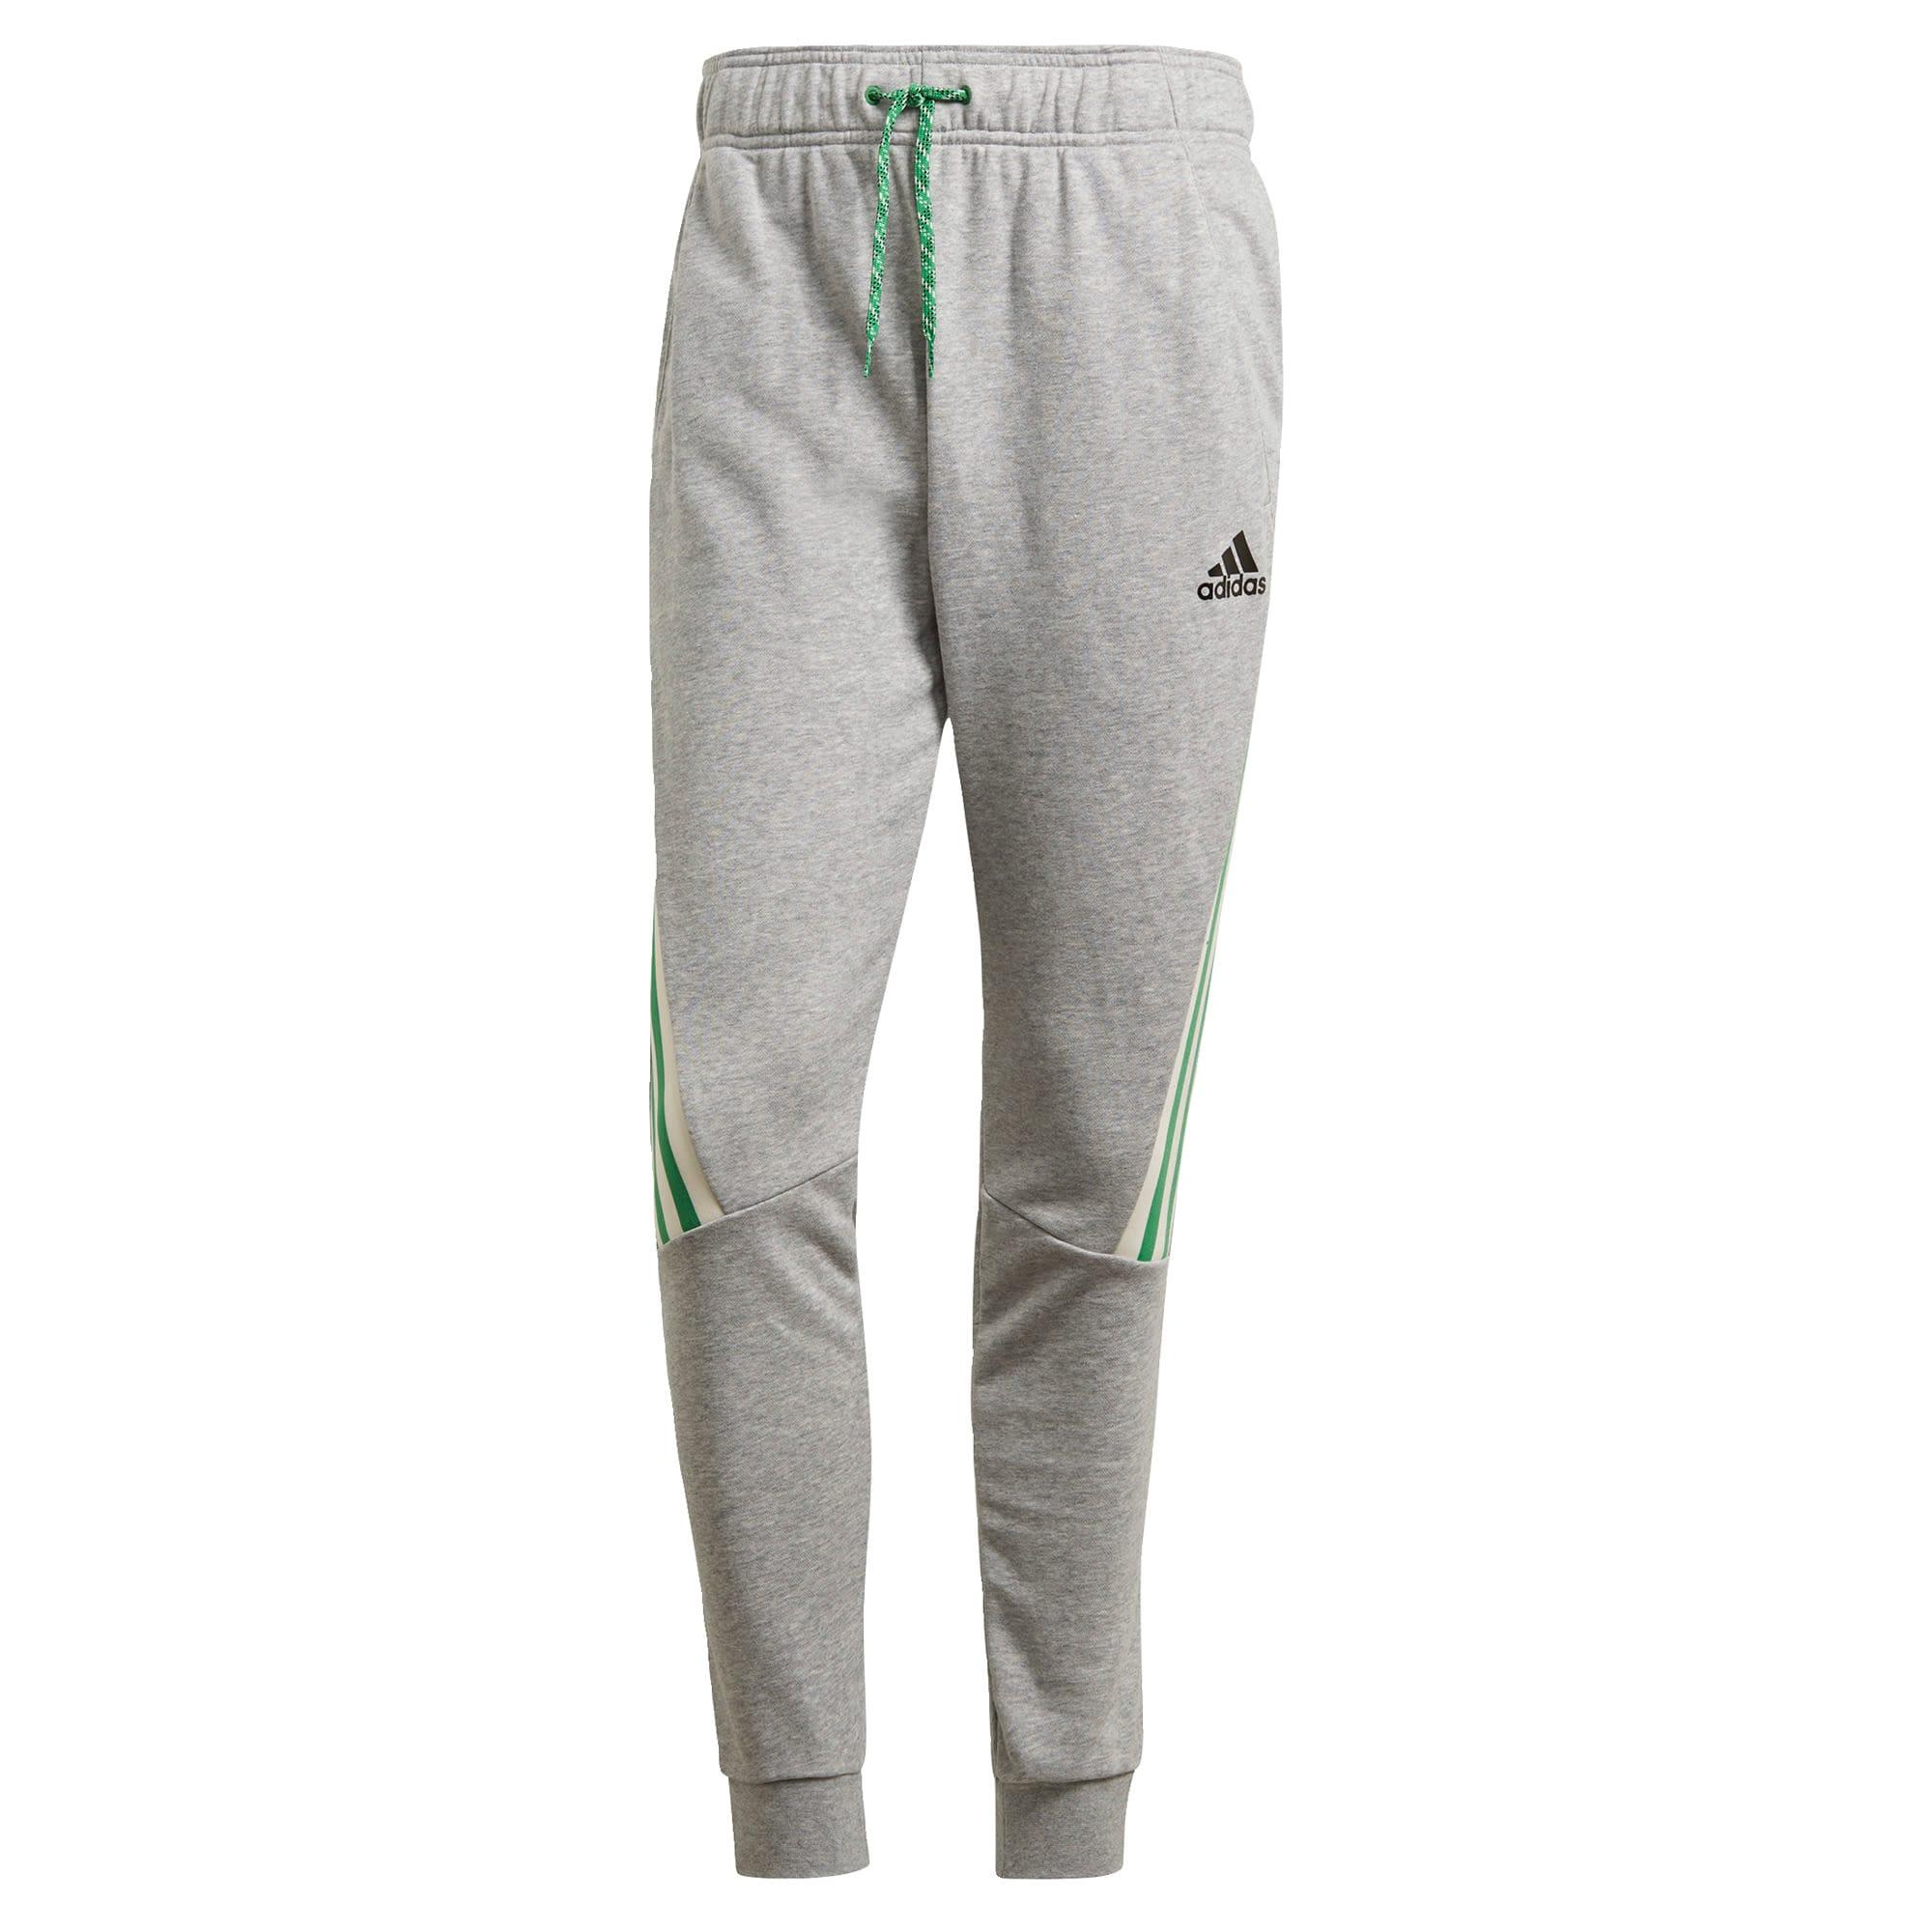 ADIDAS PERFORMANCE Sportinės kelnės margai pilka / šviesiai žalia / balta